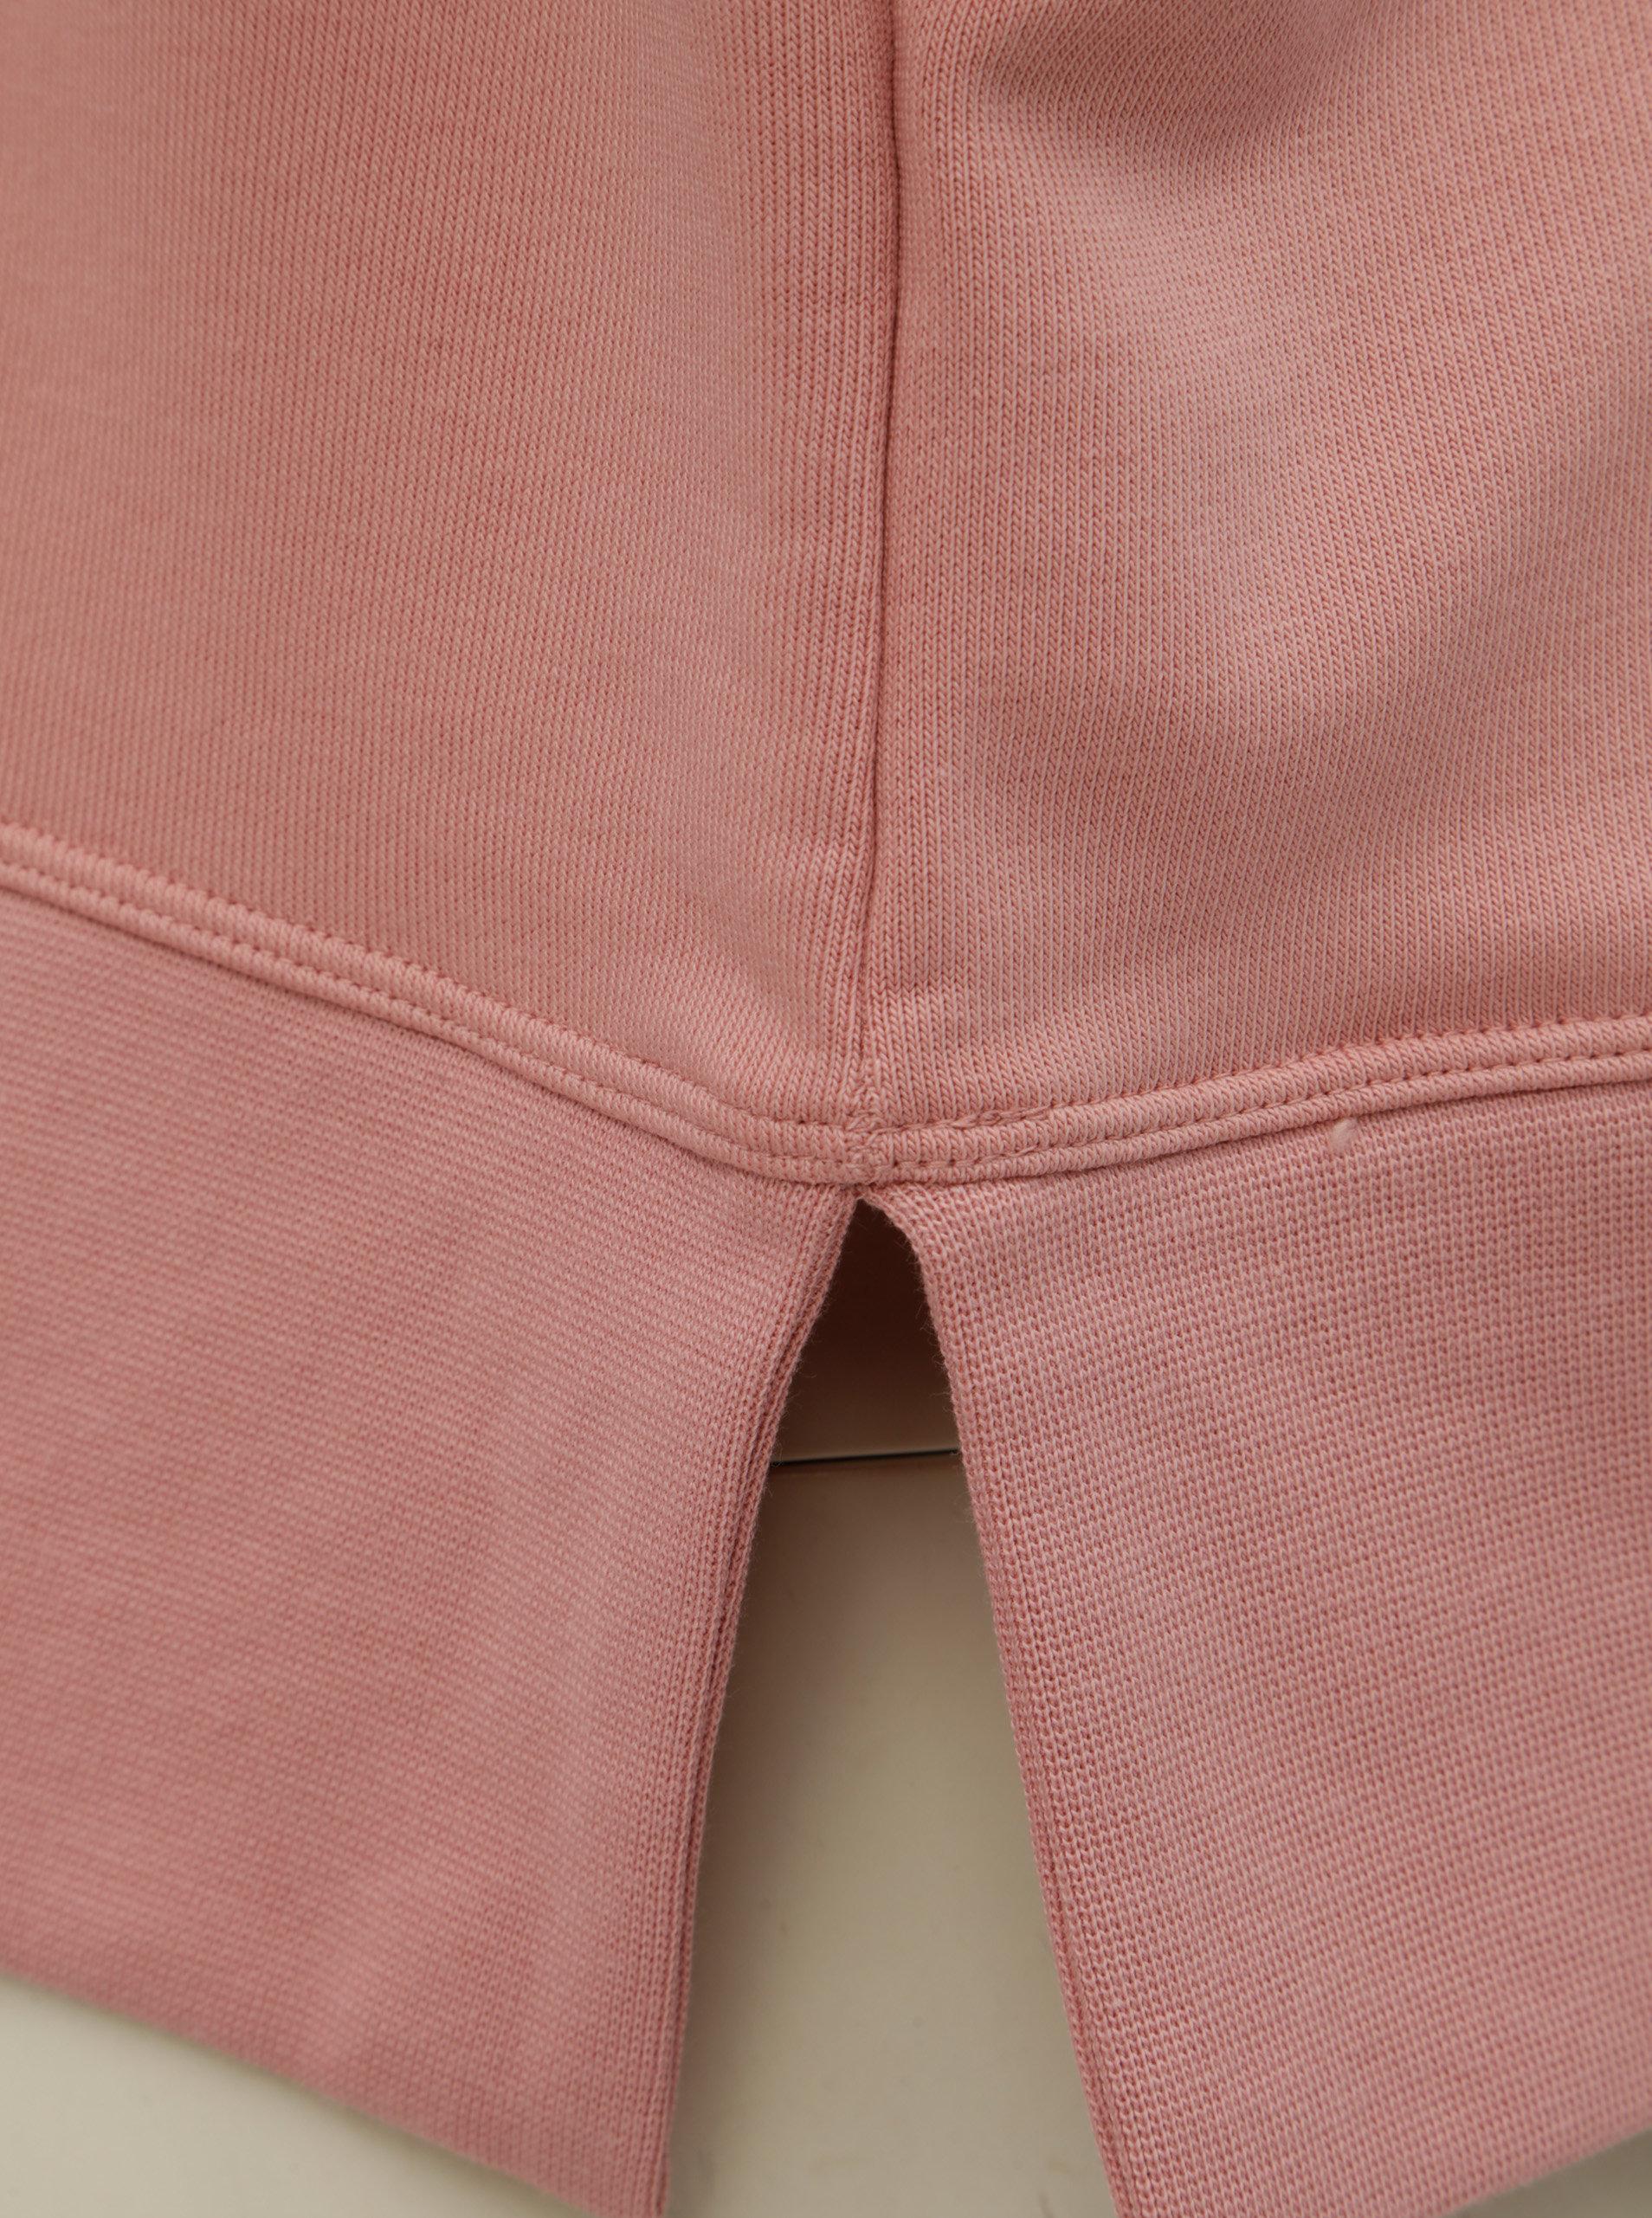 Růžová dámská volná krátká mikina s rozparky Nike Versa ... 621152dce8